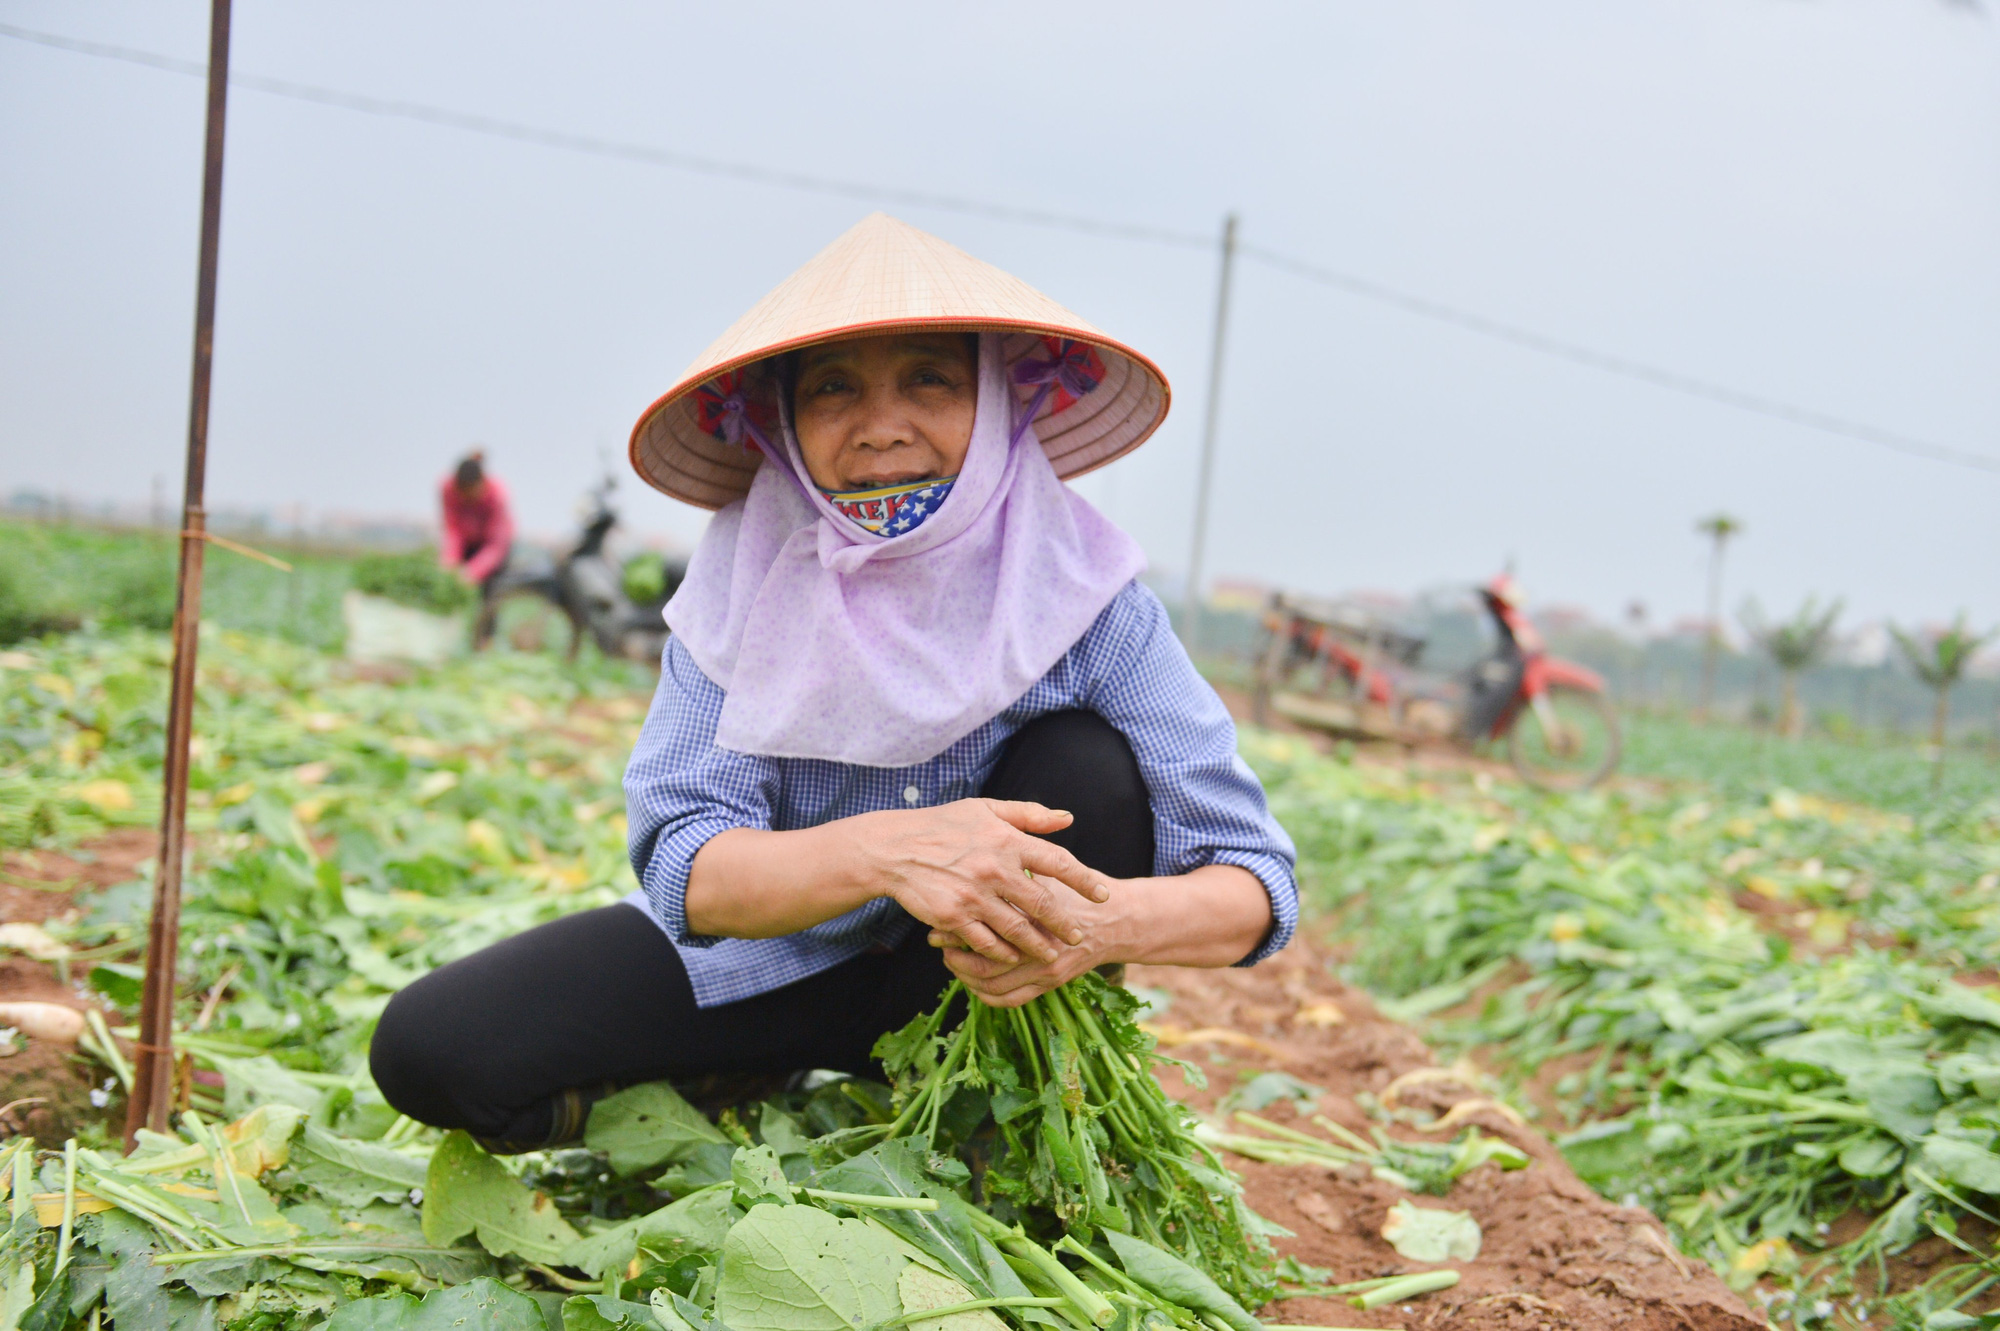 Sau Hải Dương, hàng trăm tấn củ cải ở Hà Nội rớt giá, người dân phải nhổ bỏ vì bán không ai mua - Ảnh 4.